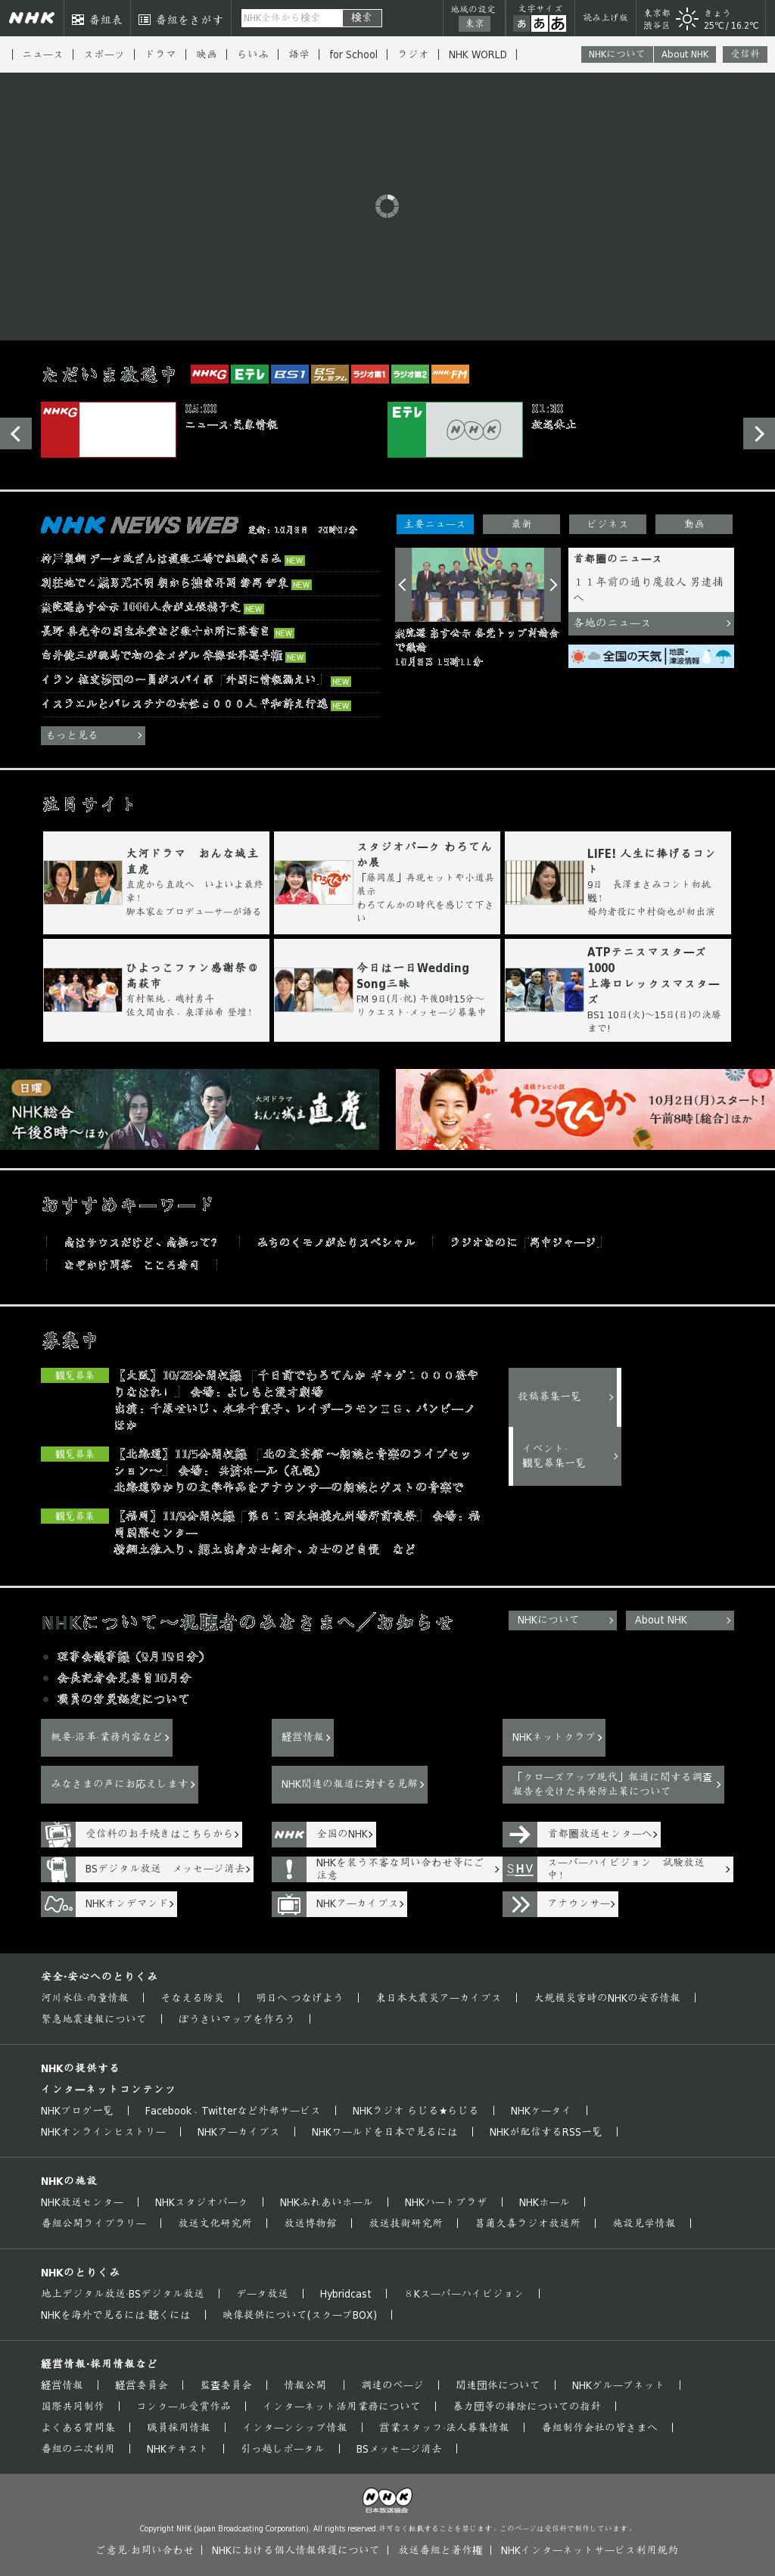 NHK Online at Sunday Oct. 8, 2017, 8:08 p.m. UTC